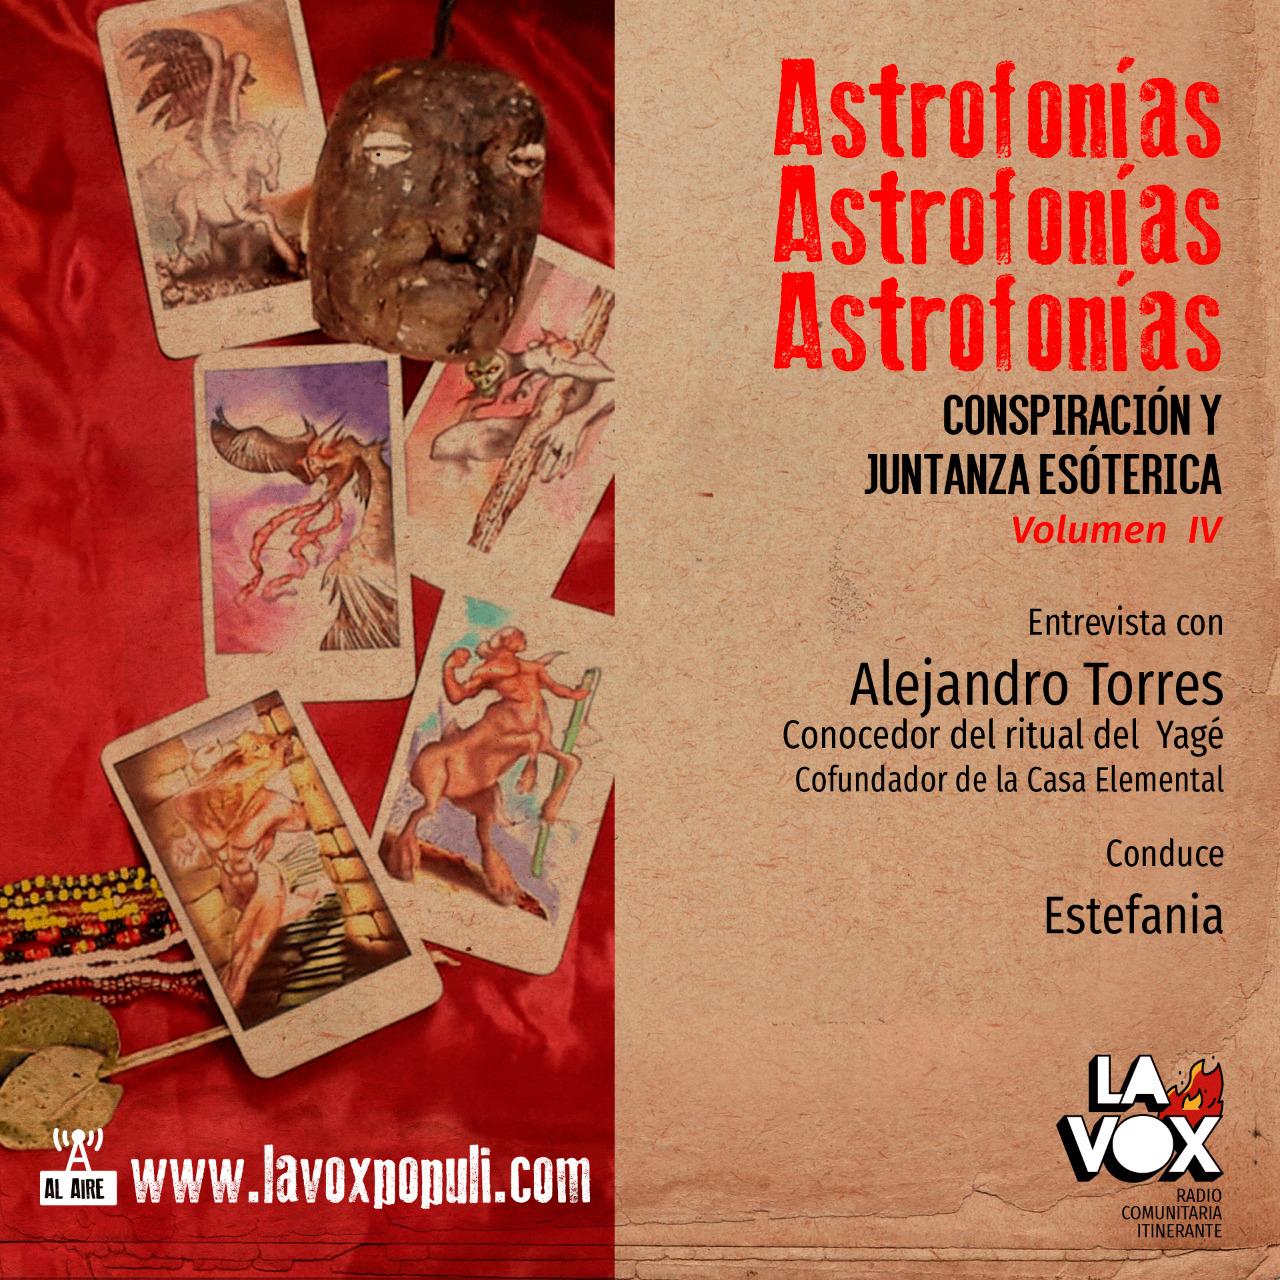 VOL. IV: Astrofonías conspiración y juntanza esotérica